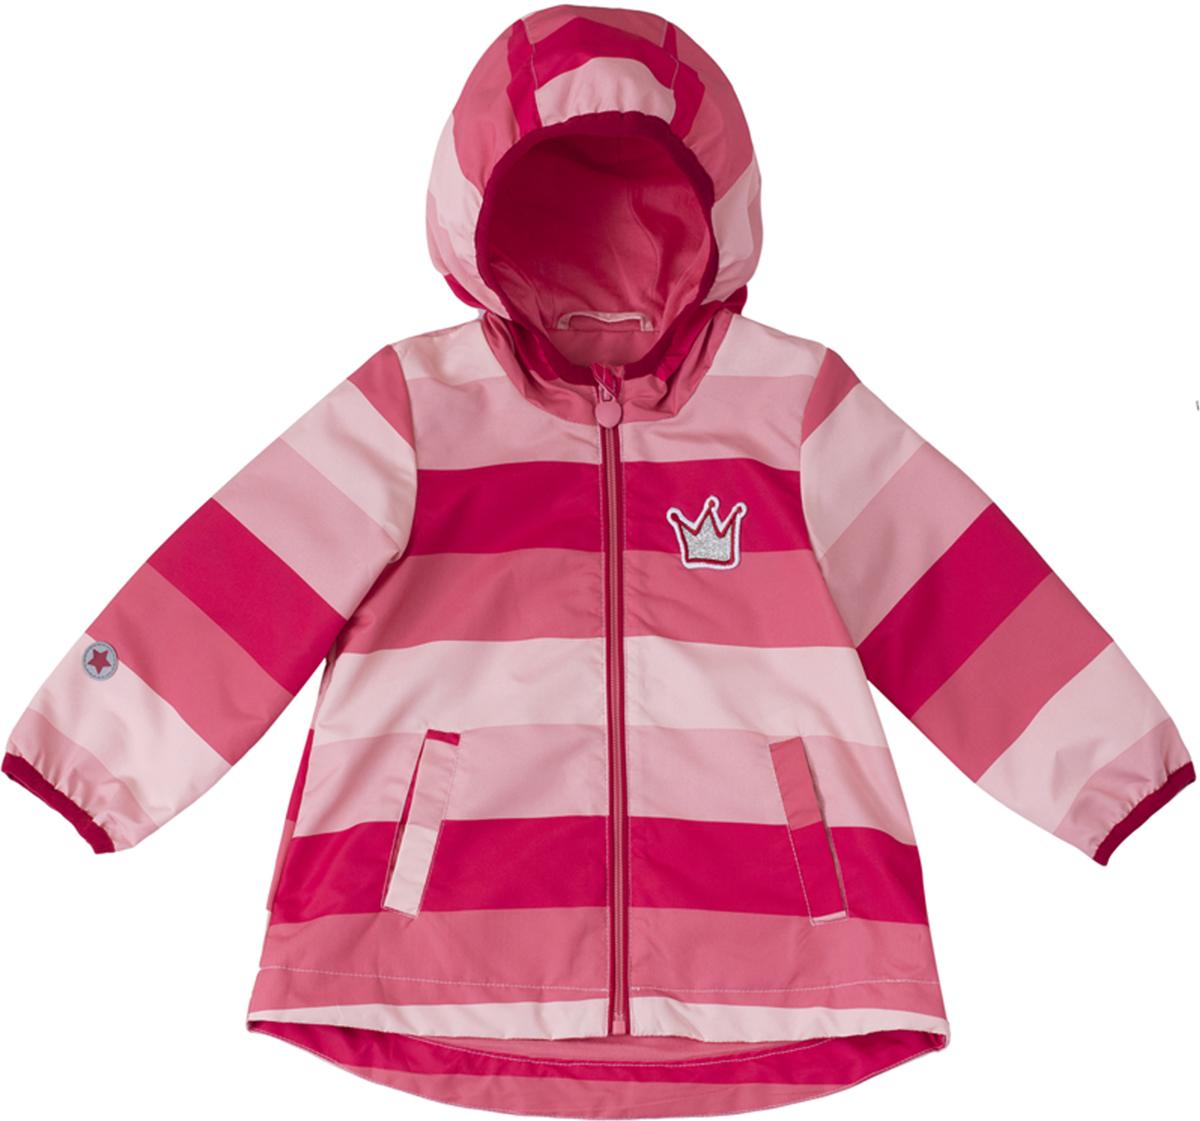 Куртка для девочки PlayToday, цвет: красный, розовый. 188007. Размер 80188007